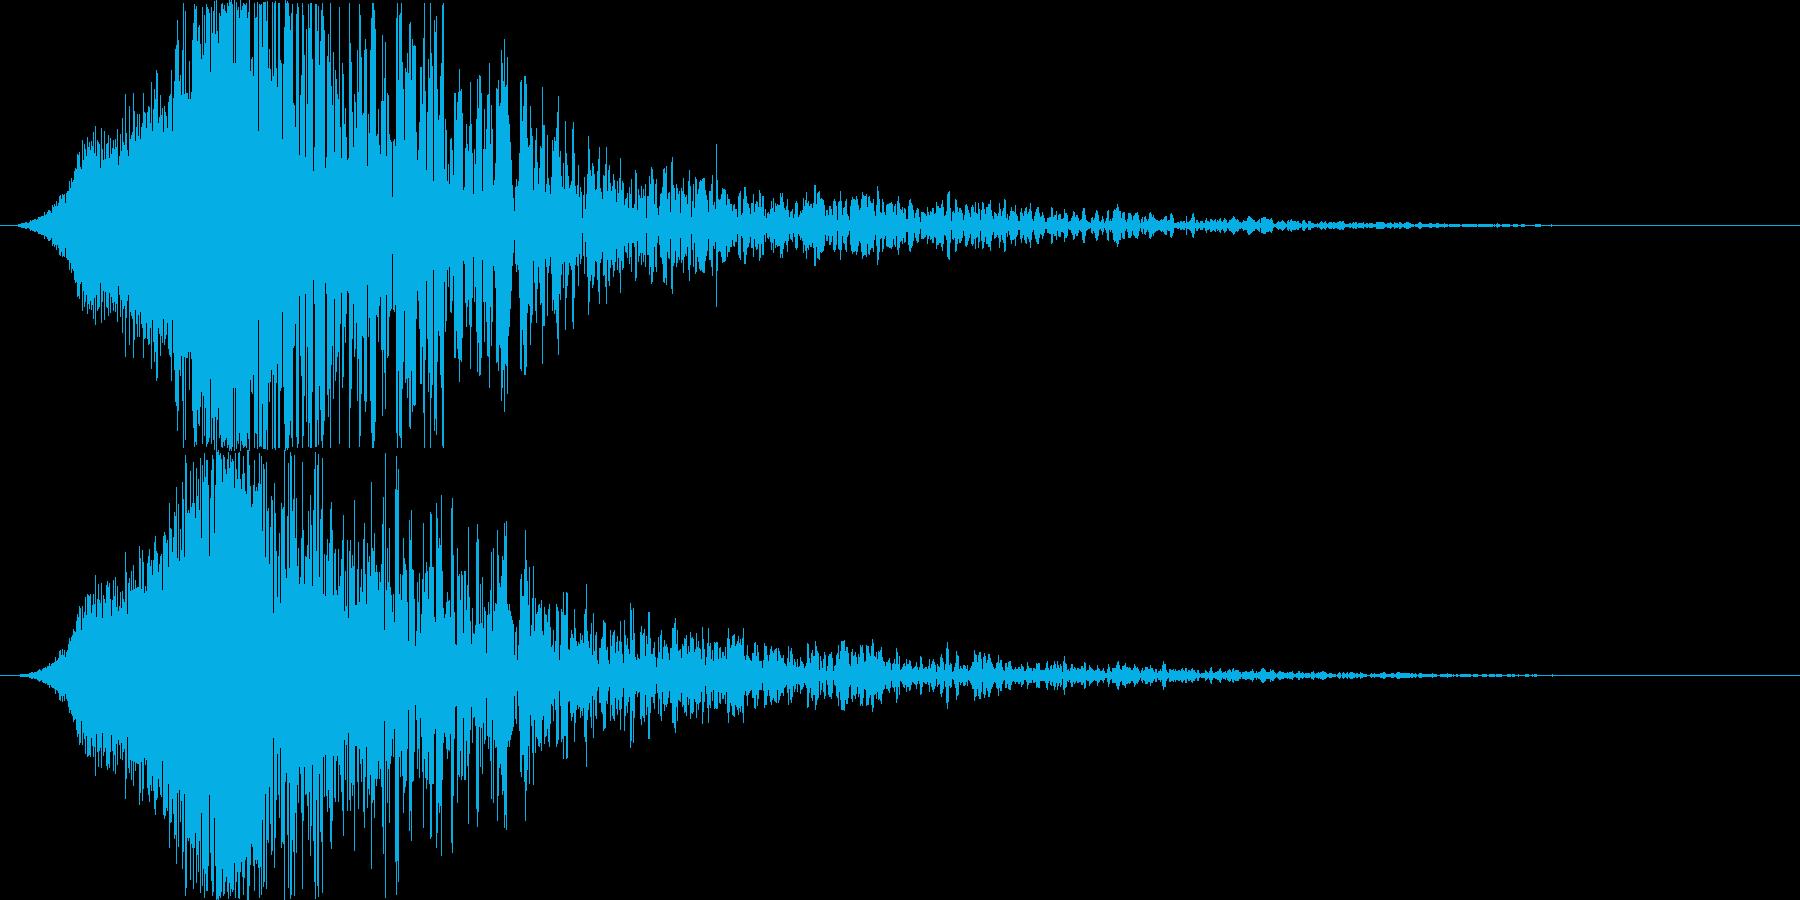 衝撃音の後に、何かが登場したような余韻音の再生済みの波形